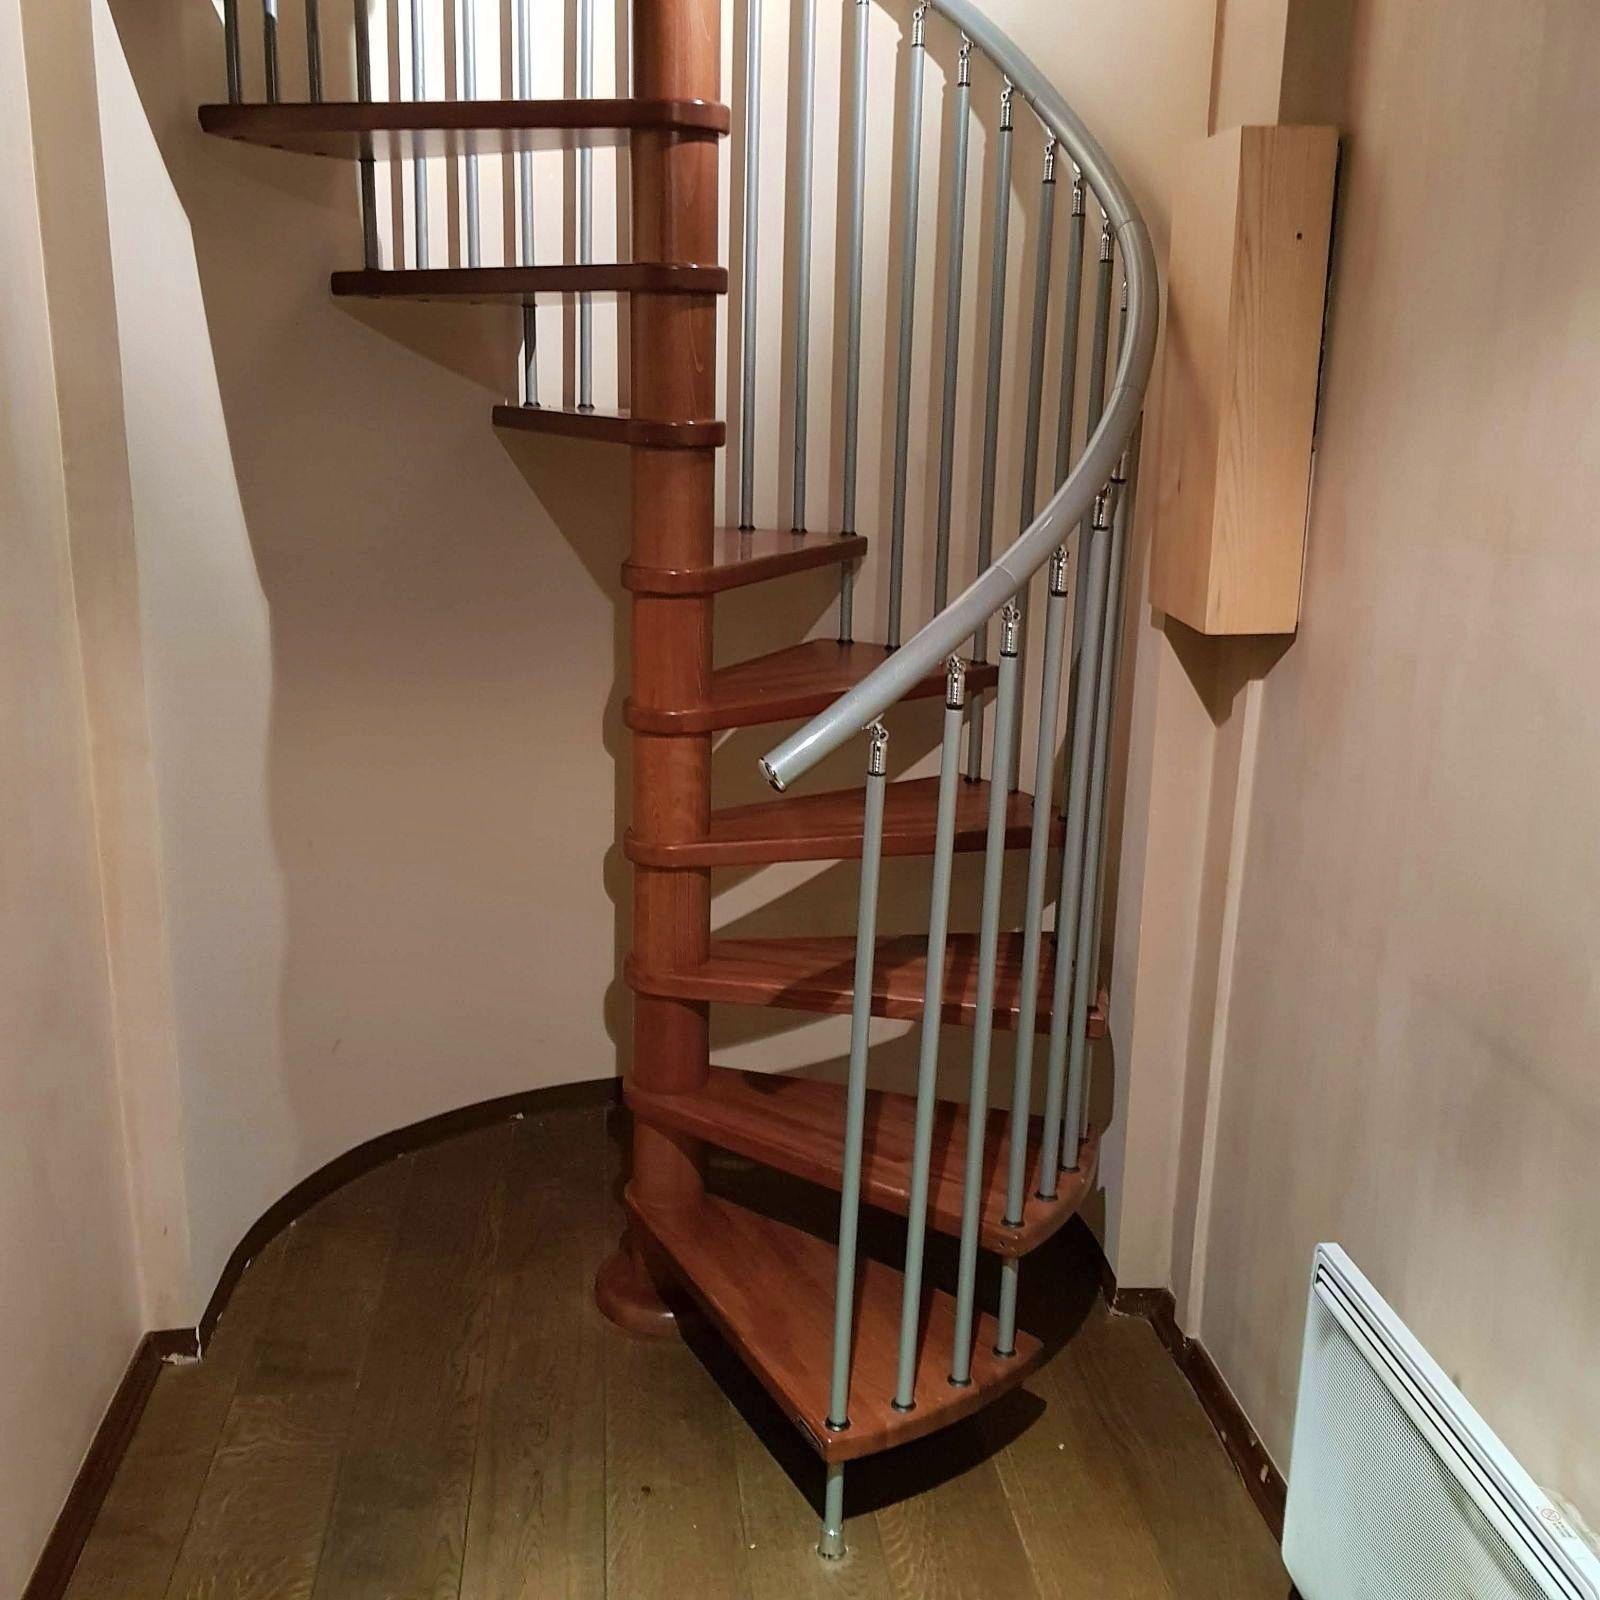 Escalier helicoidal Mobirolo Gulliver